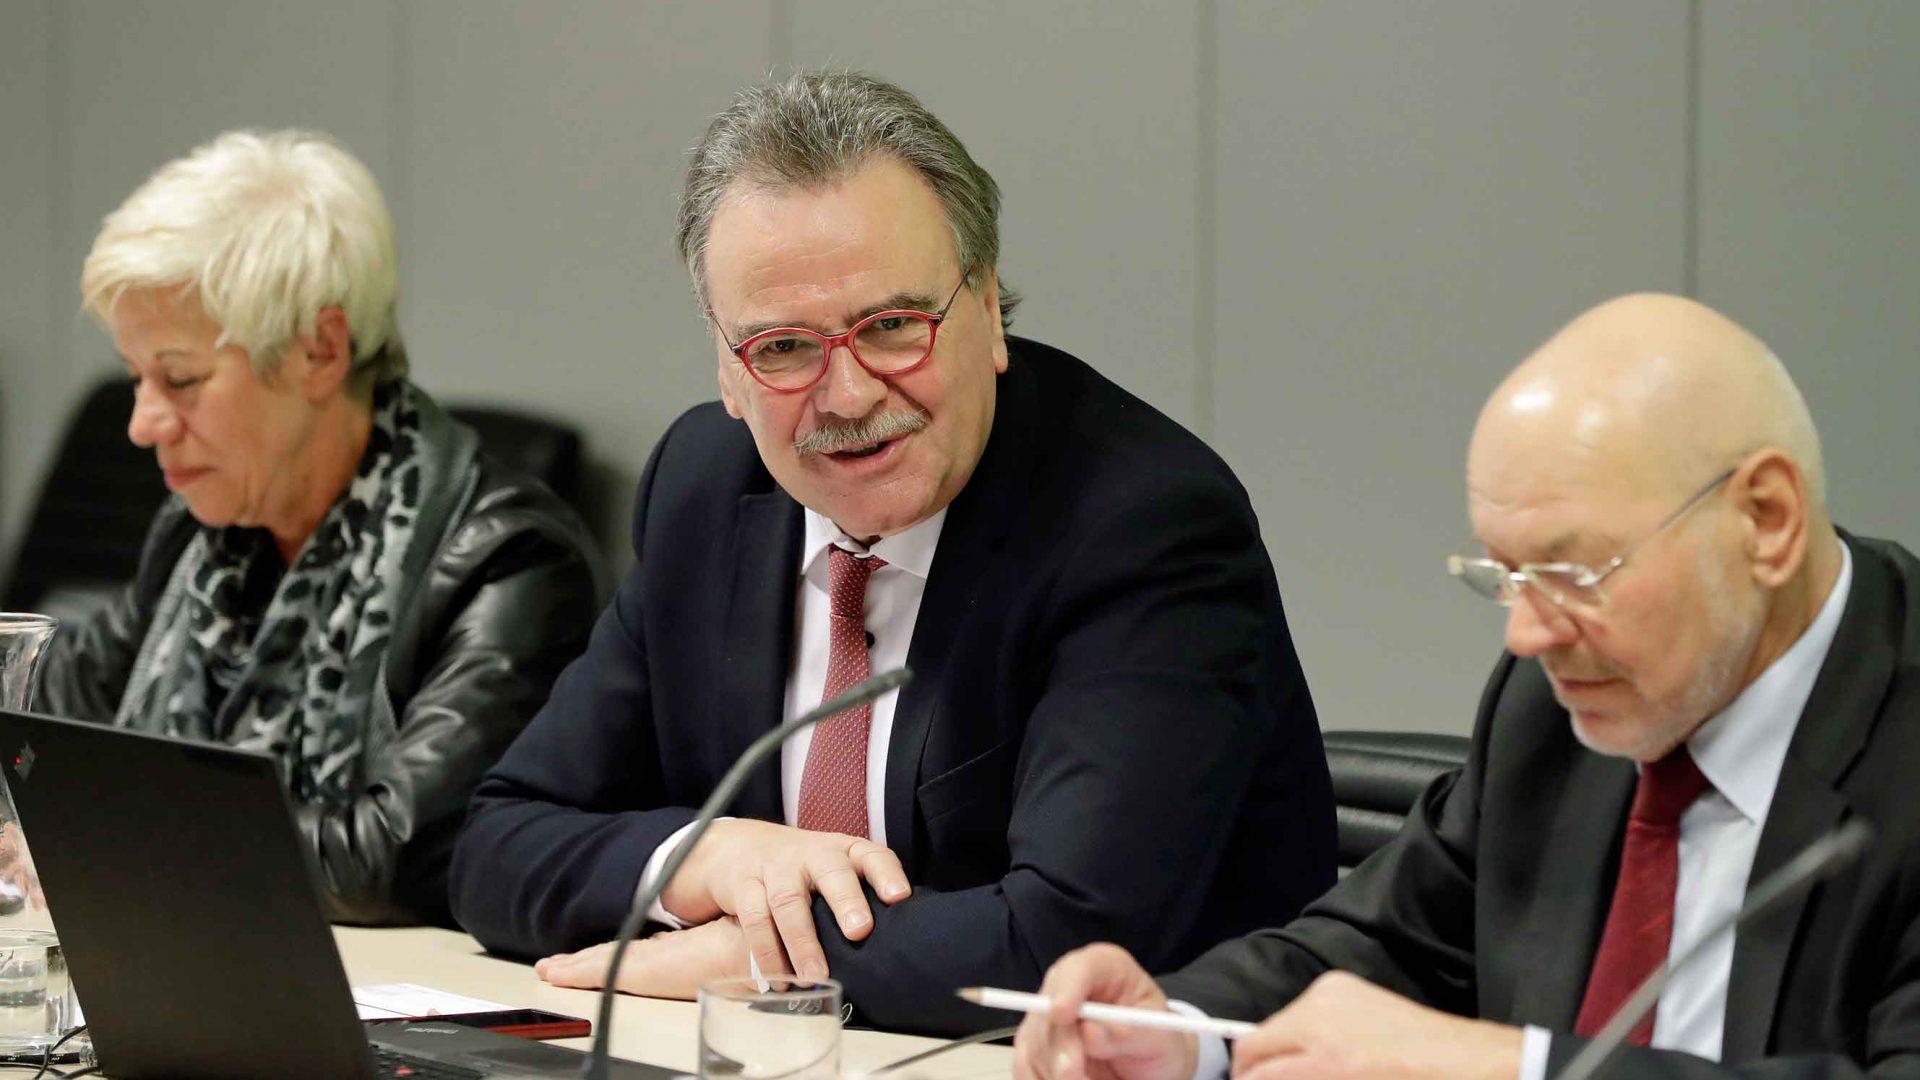 Ewald Lindinger blickt dankbar auf seine 27 Jahre im Bürgermeisteramt zurück. (Bild: ZVG)